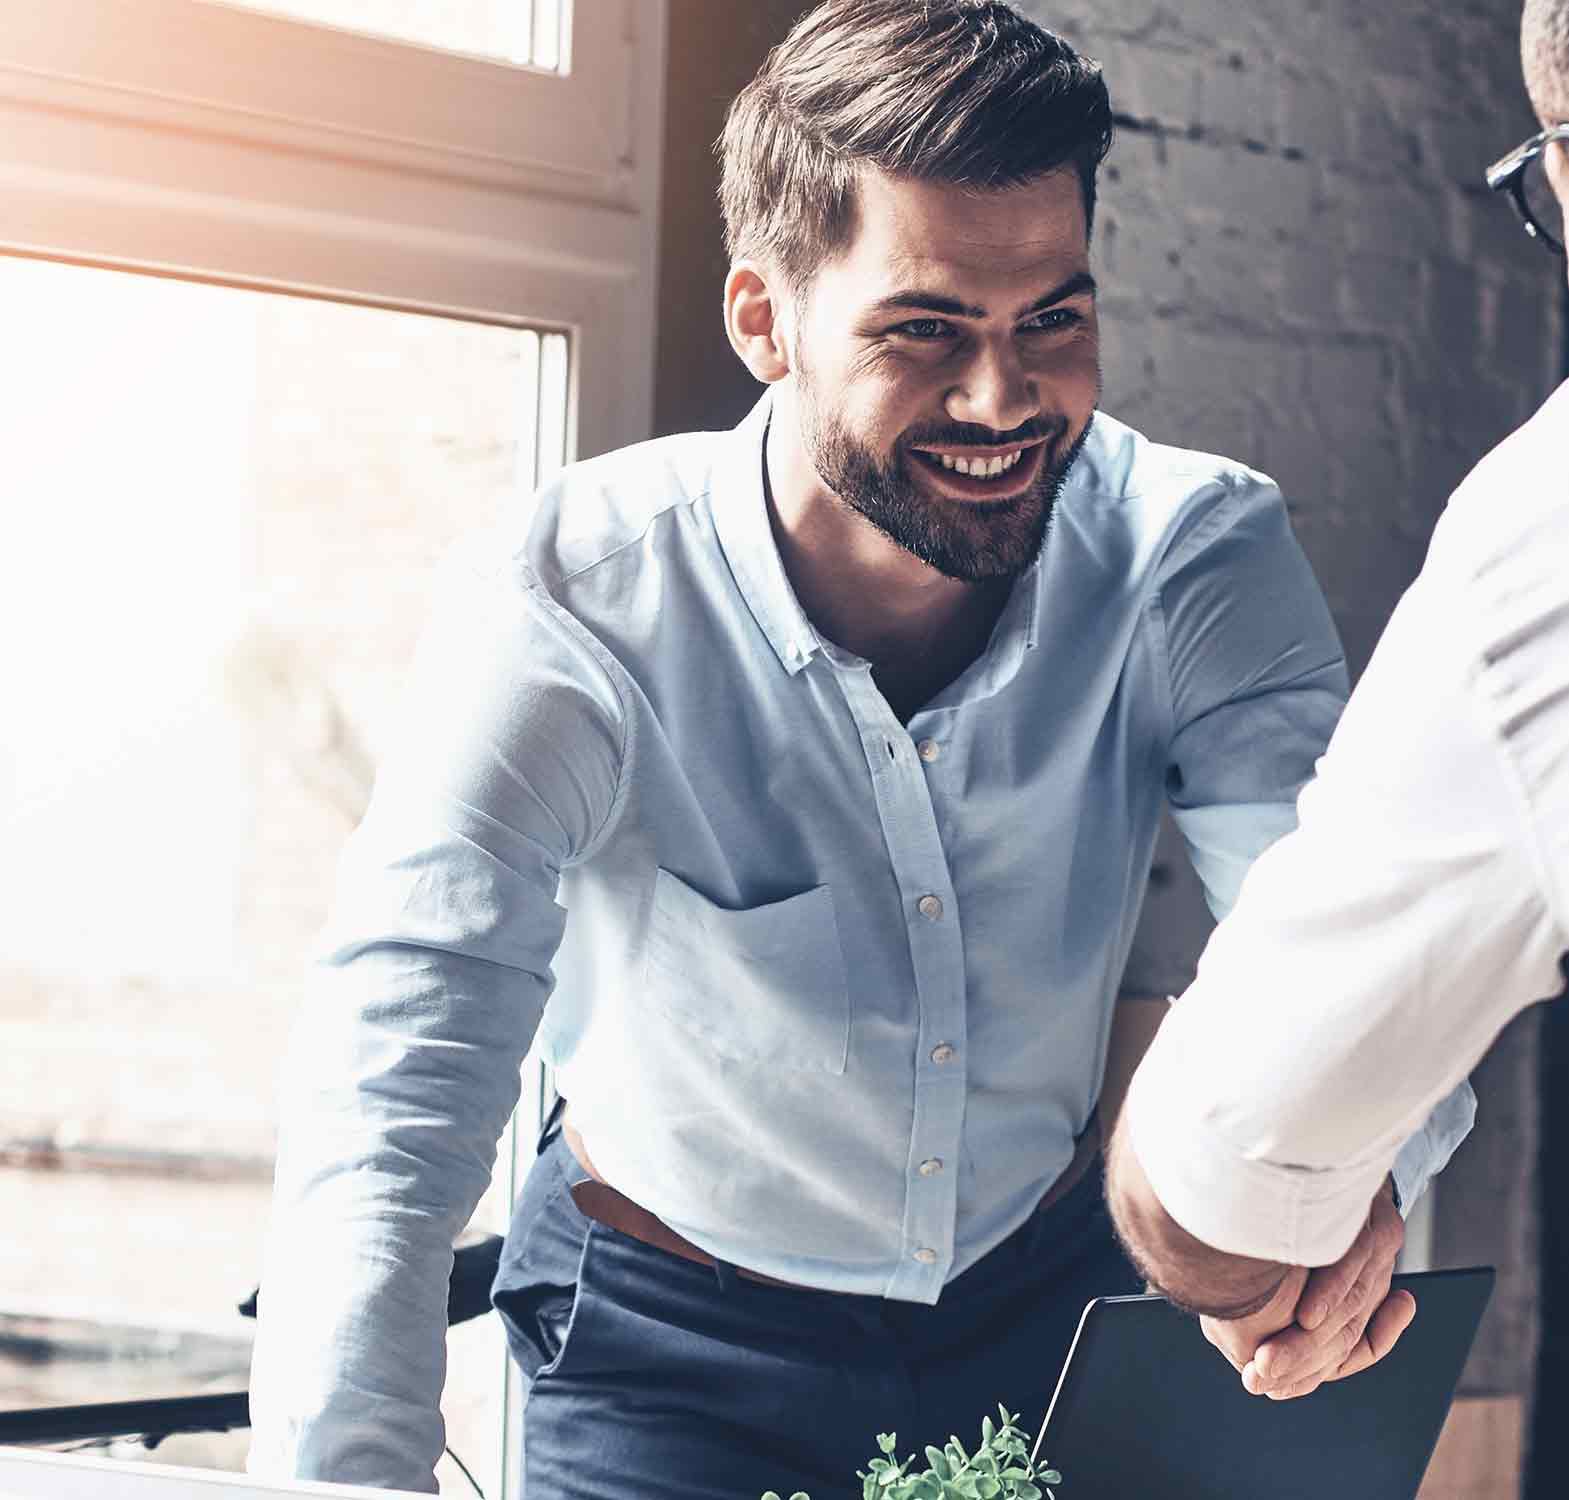 Mitarbeiter durch Social-Media gewinnen! – 4 Möglichkeiten für KMUs